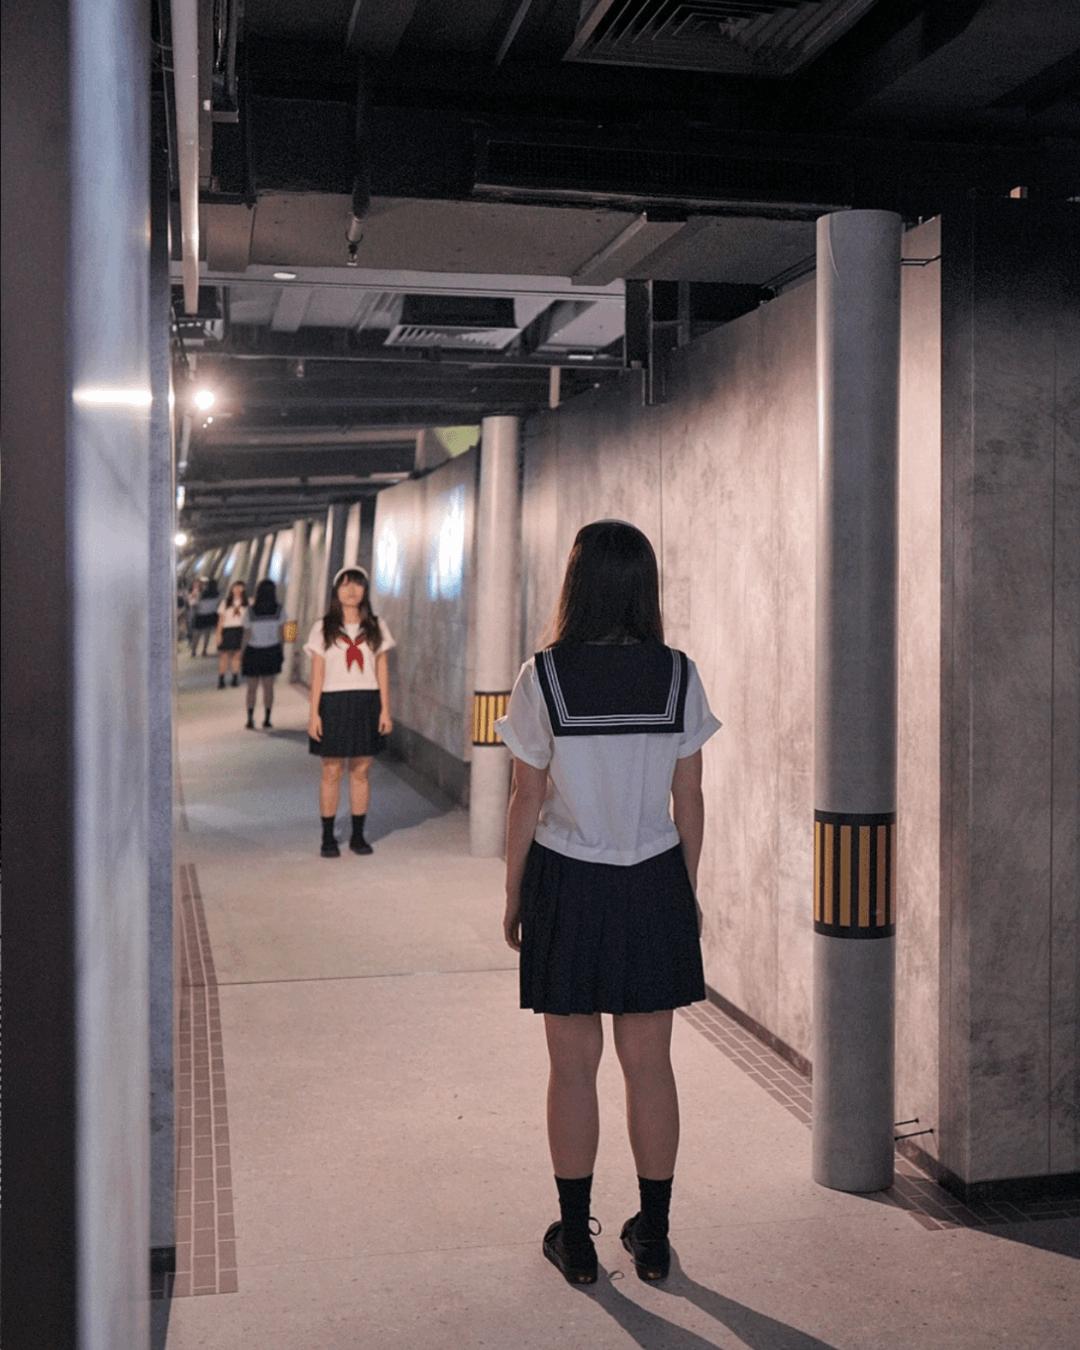 進入展廳,即可看無盡嘅十字路,牆上播放《十字路口的美少年》動畫,更添奇異氛圍。